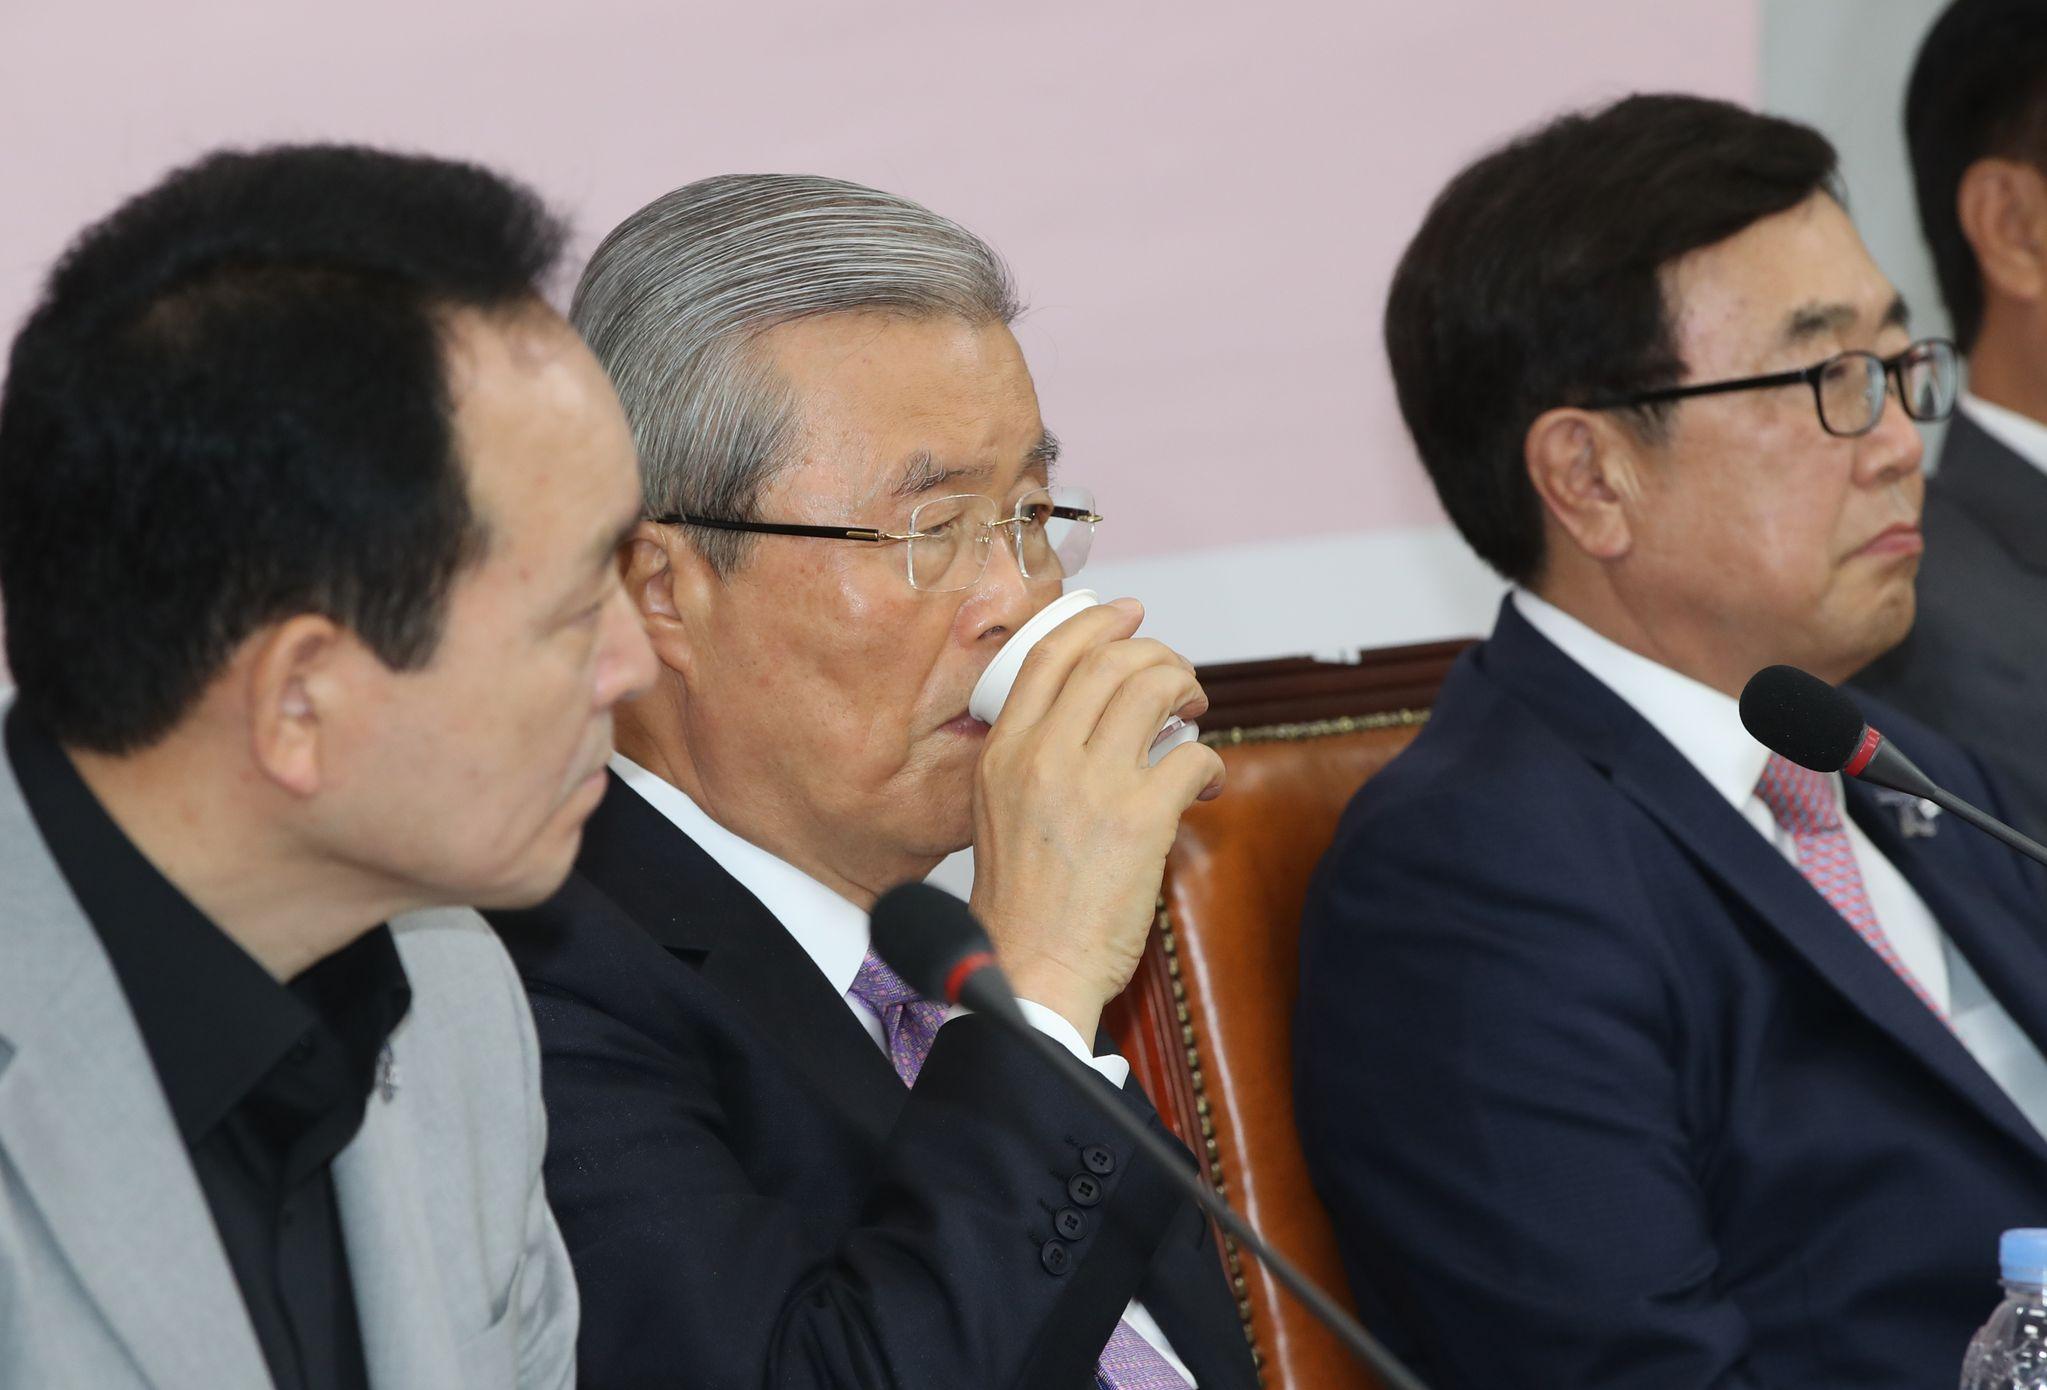 미래통합당 김종인 비대위원장(왼쪽 두 번째)이 24일 국회에서 열린 비상대책위원-중진의원 연석회의에 참석해 물을 마시고 있다. 오종택 기자